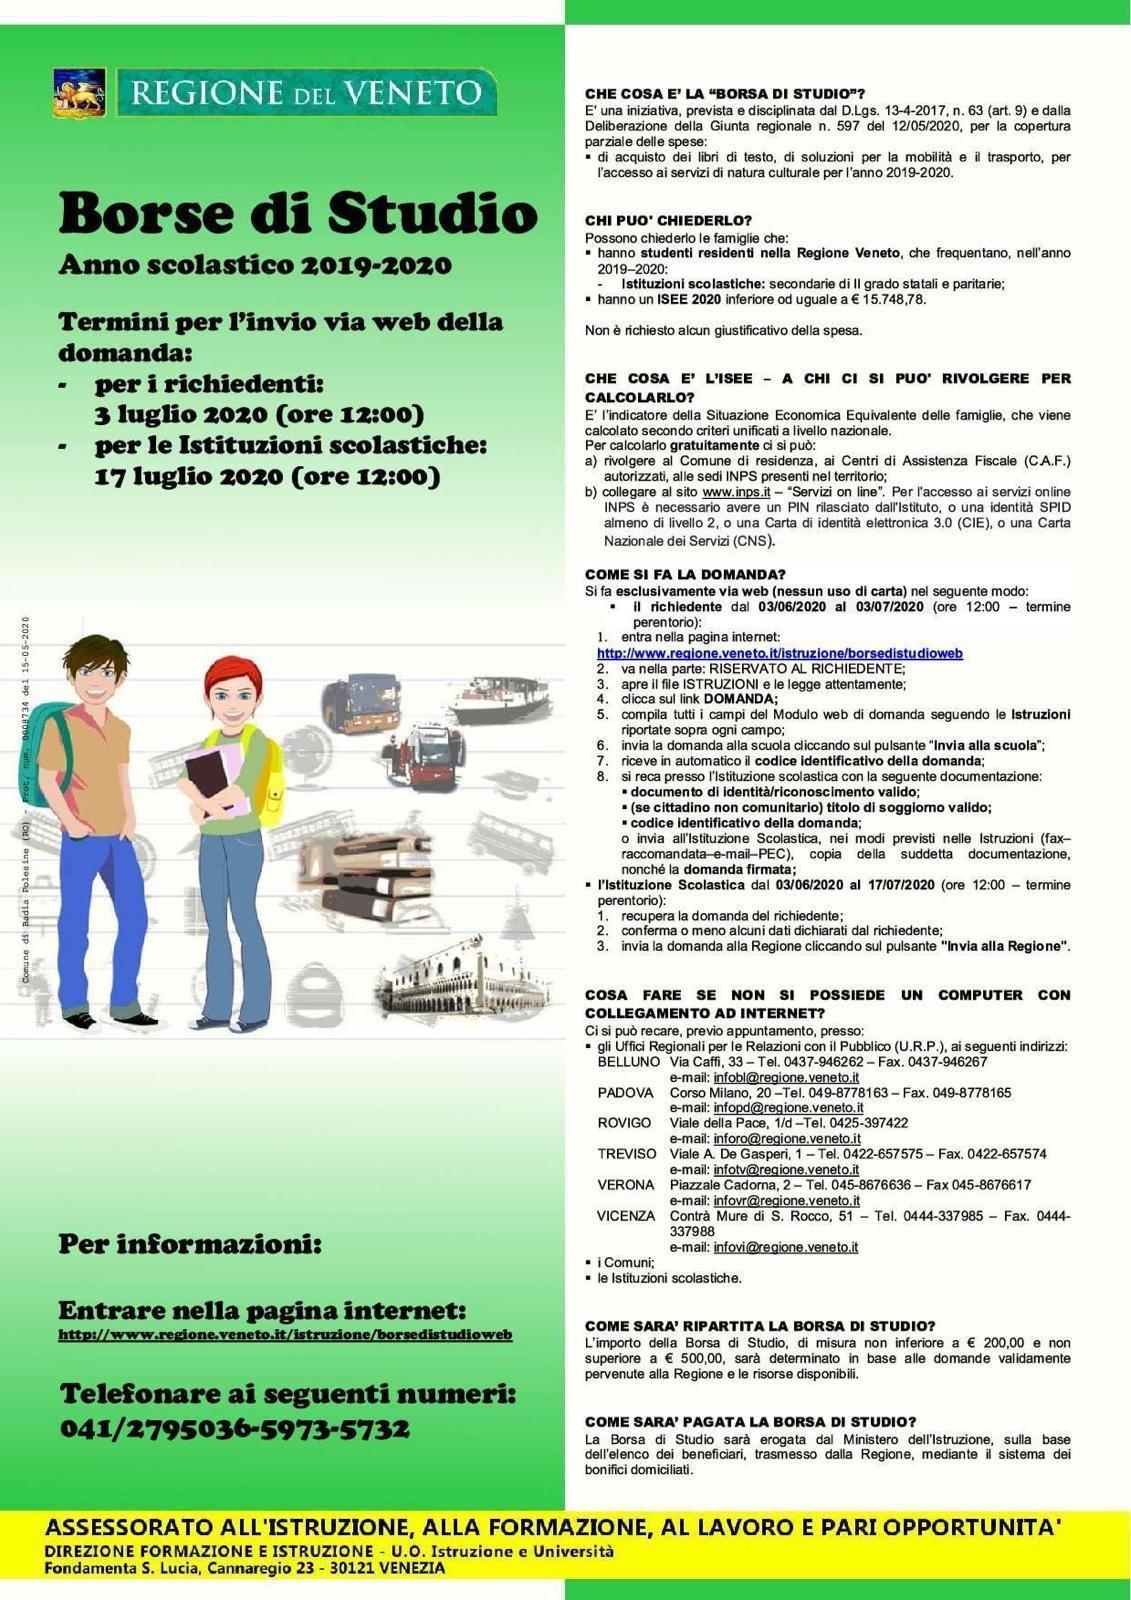 Borse di Studio Regione Veneto – Anno Scolastico 2019-2020